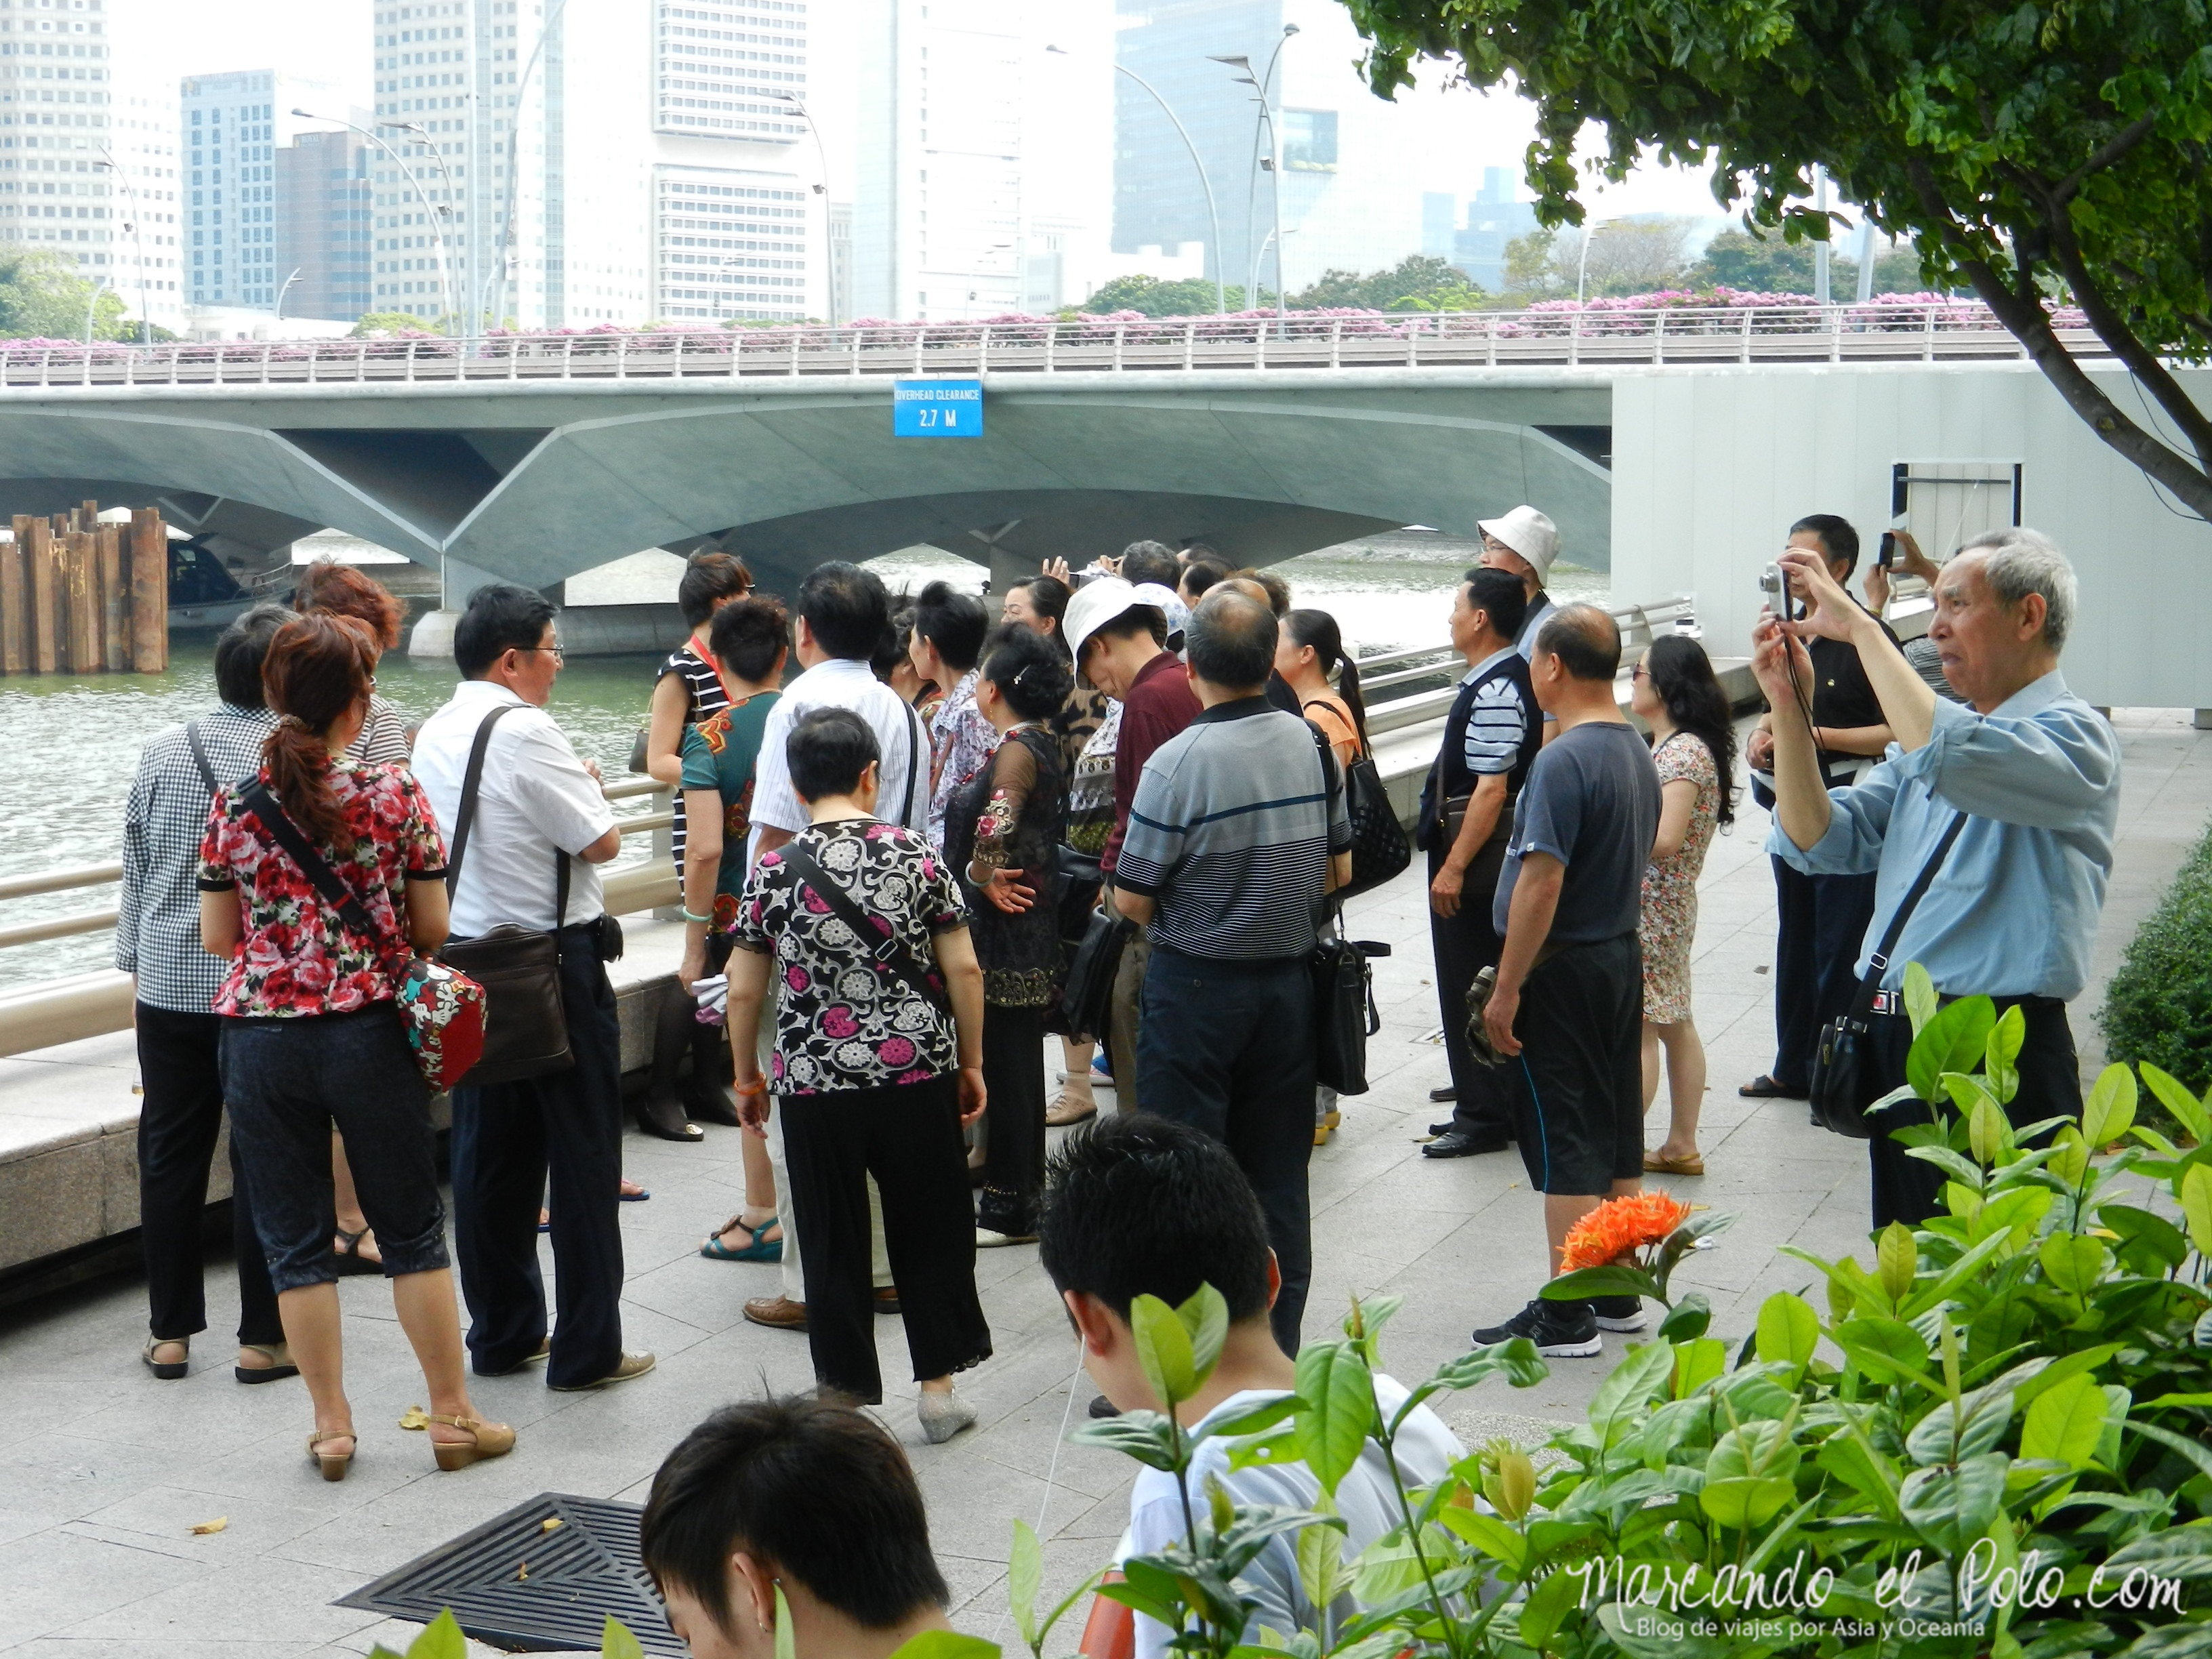 Visitas guiadas gratuitas en Singapur